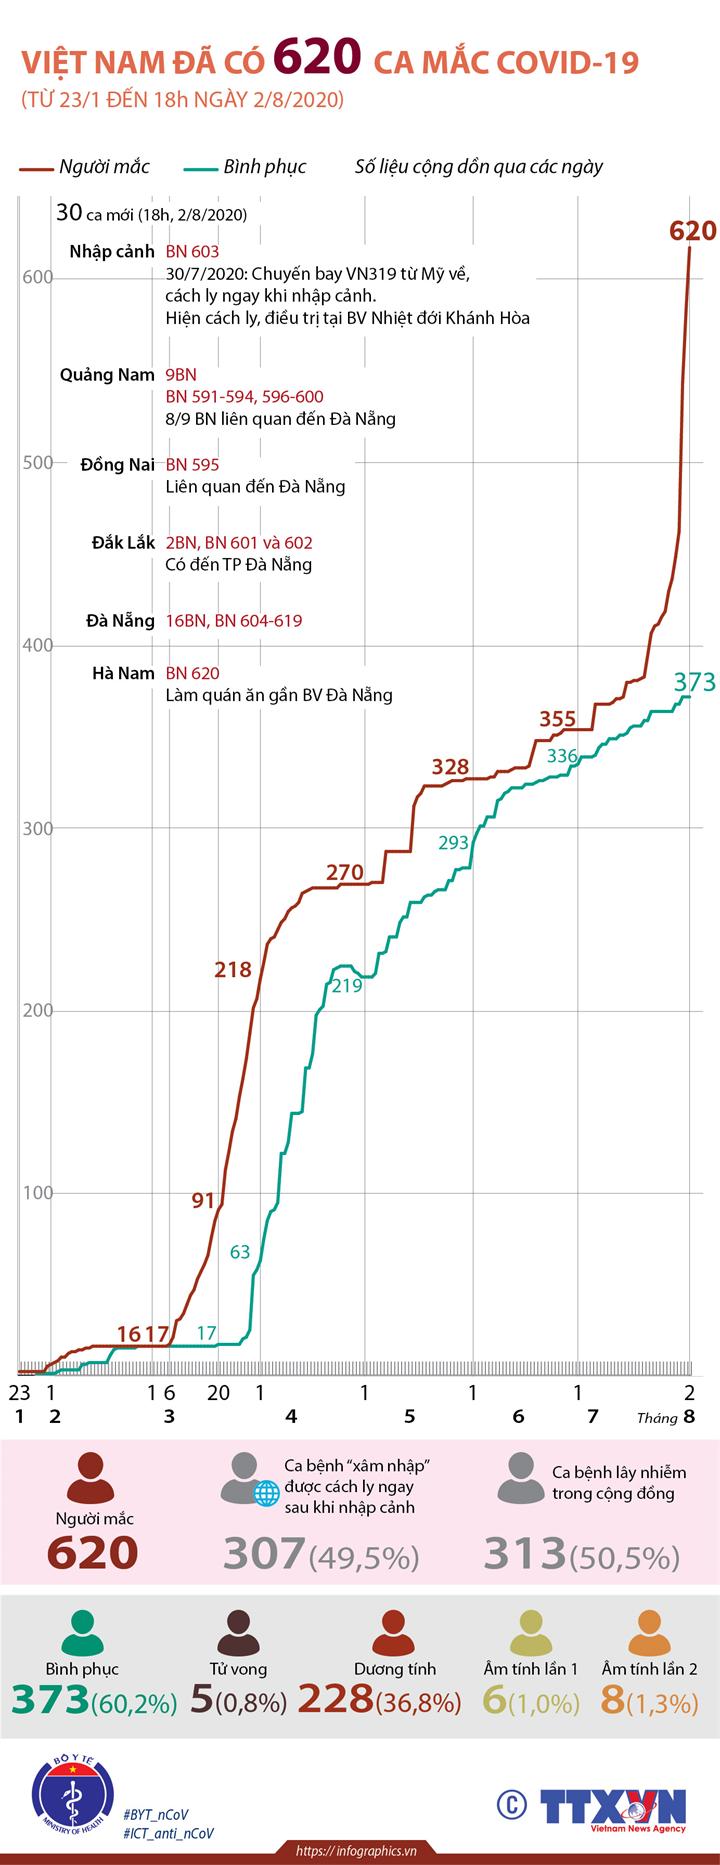 Việt Nam đã có 620 ca mắc COVID-19 (từ 23/1 đến 18h ngày 2/8/2020)